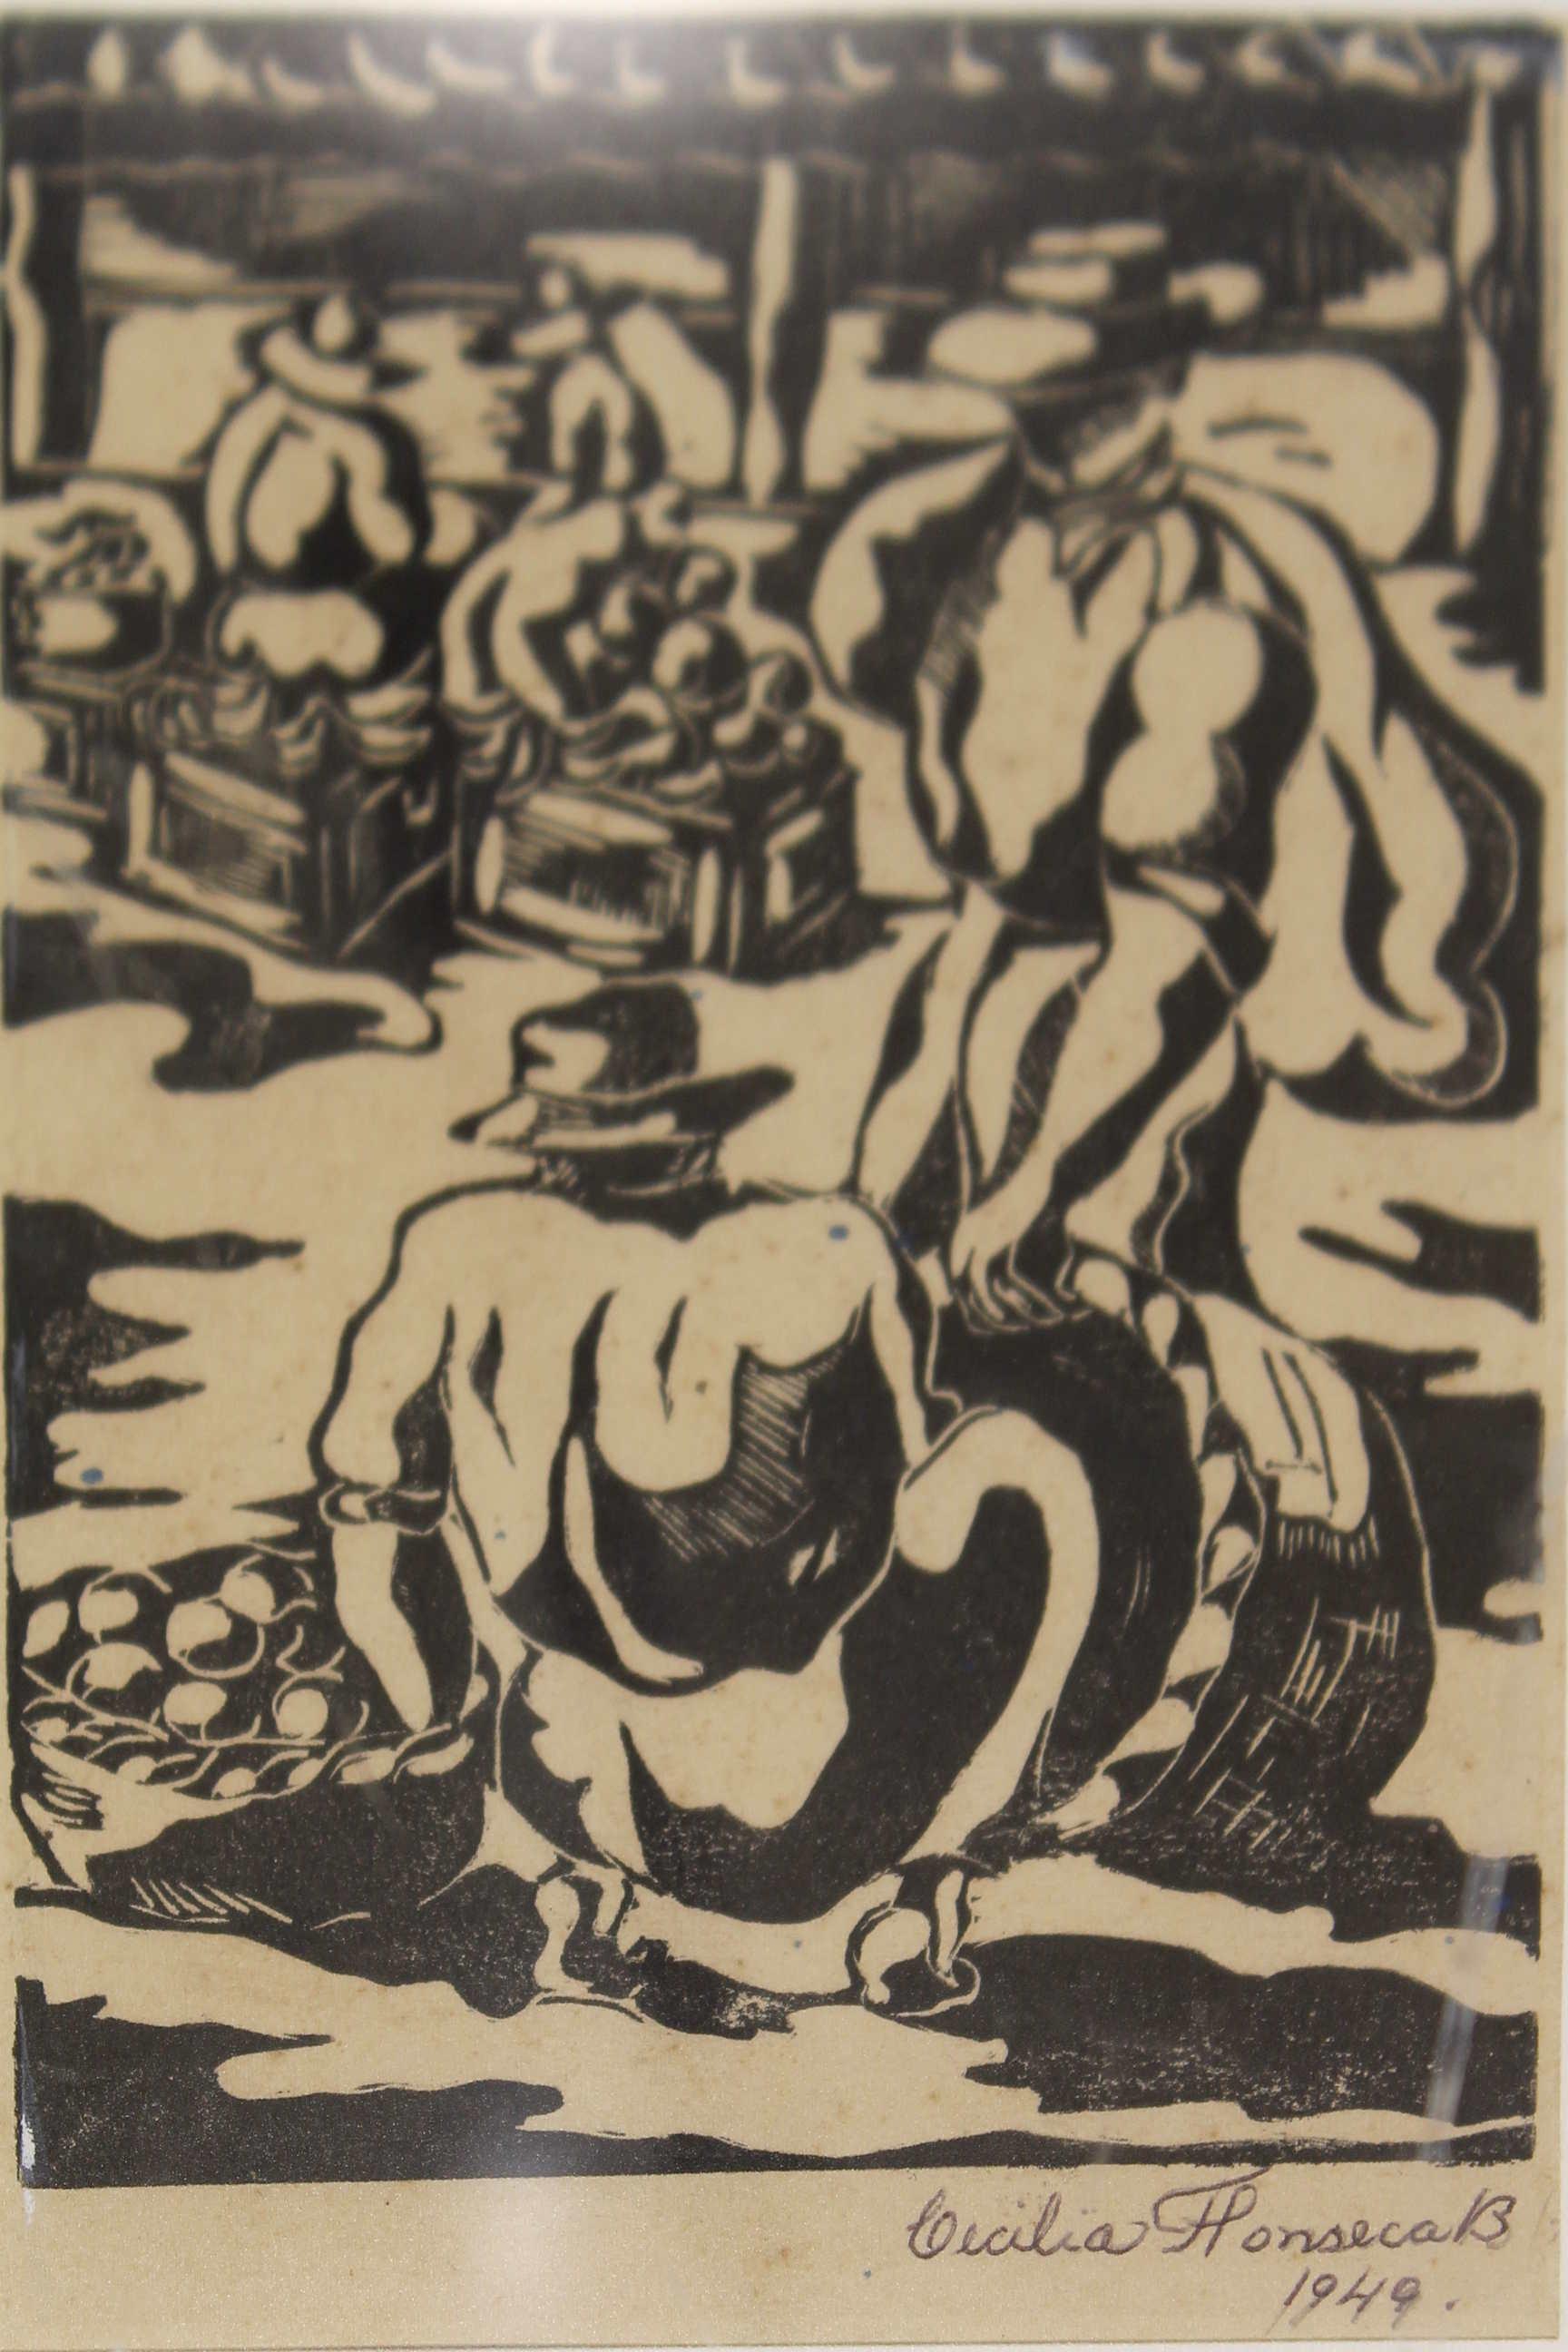 Obra de la artista Cecilia Fonseca Boraschi, grabado 1964. Fotografía: Adriana Araya.